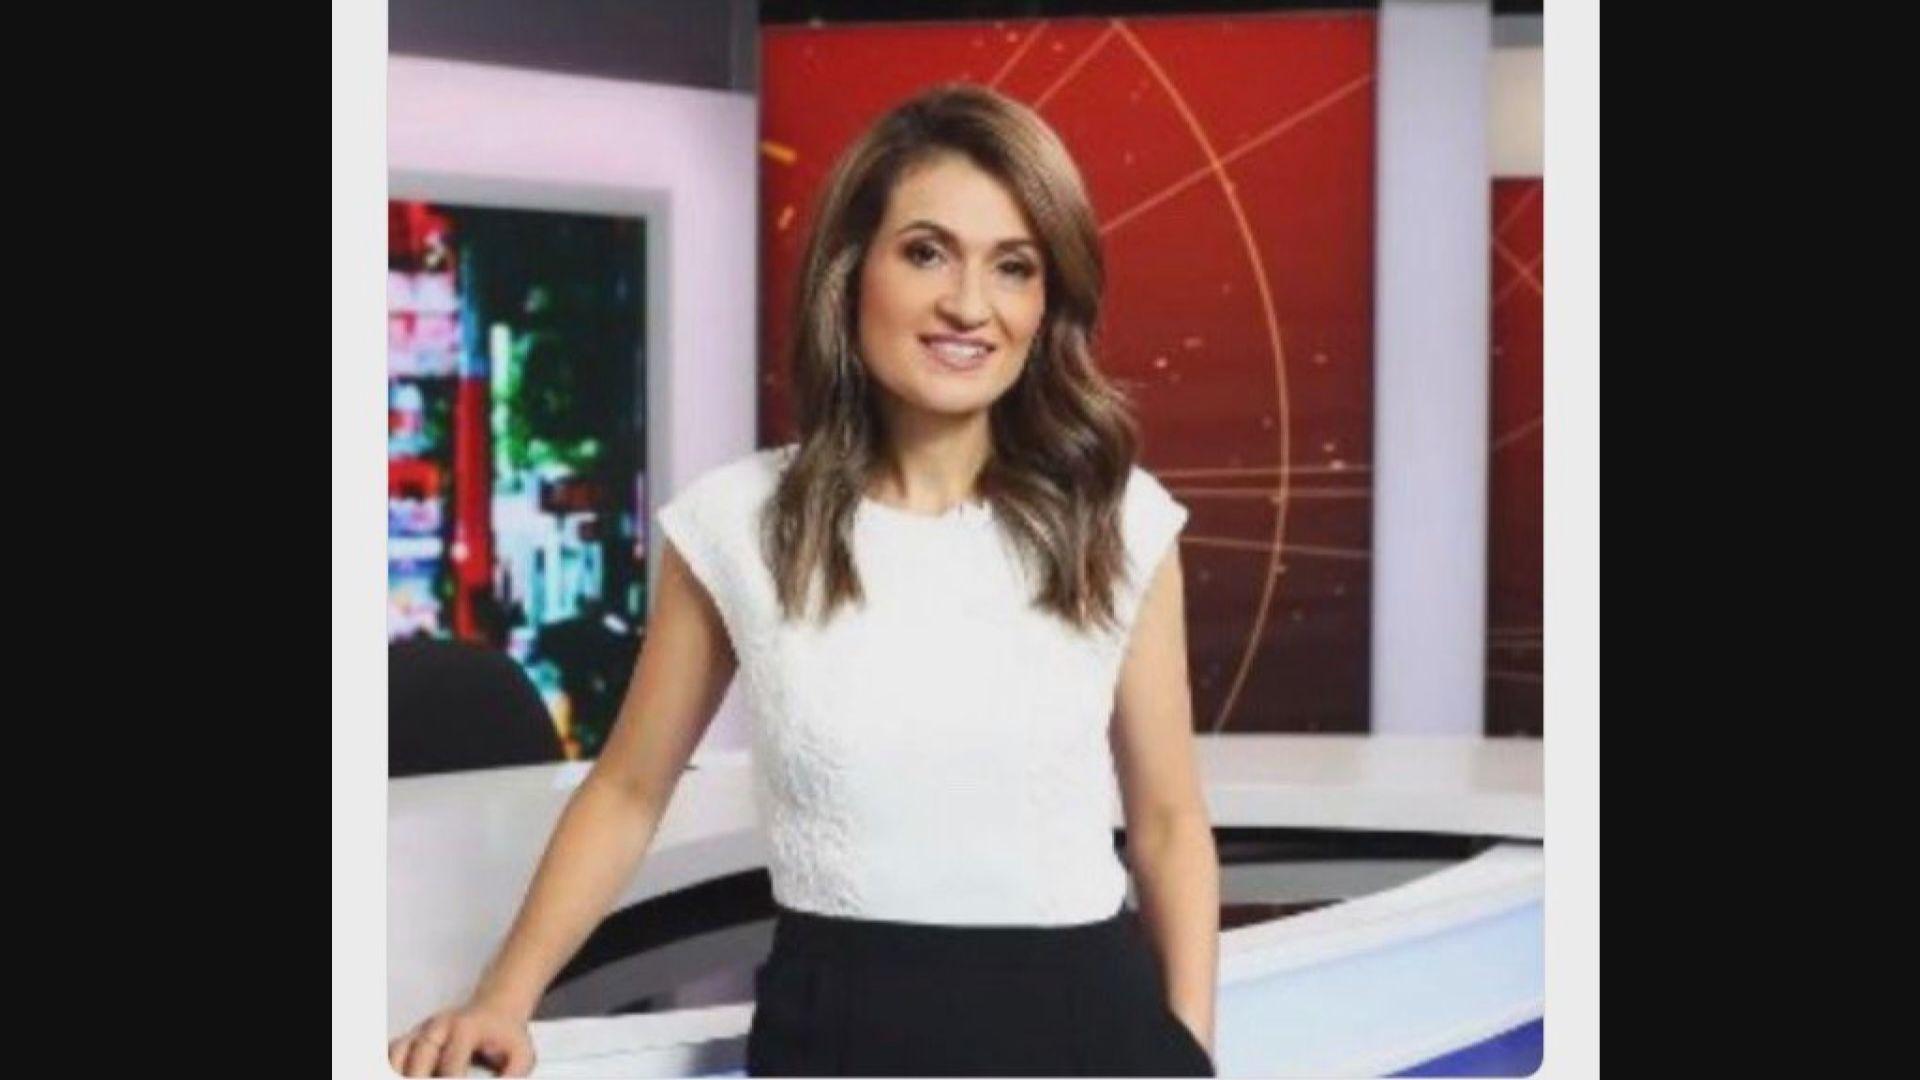 澳洲女記者被指衣着暴露 遭逐出會議廳